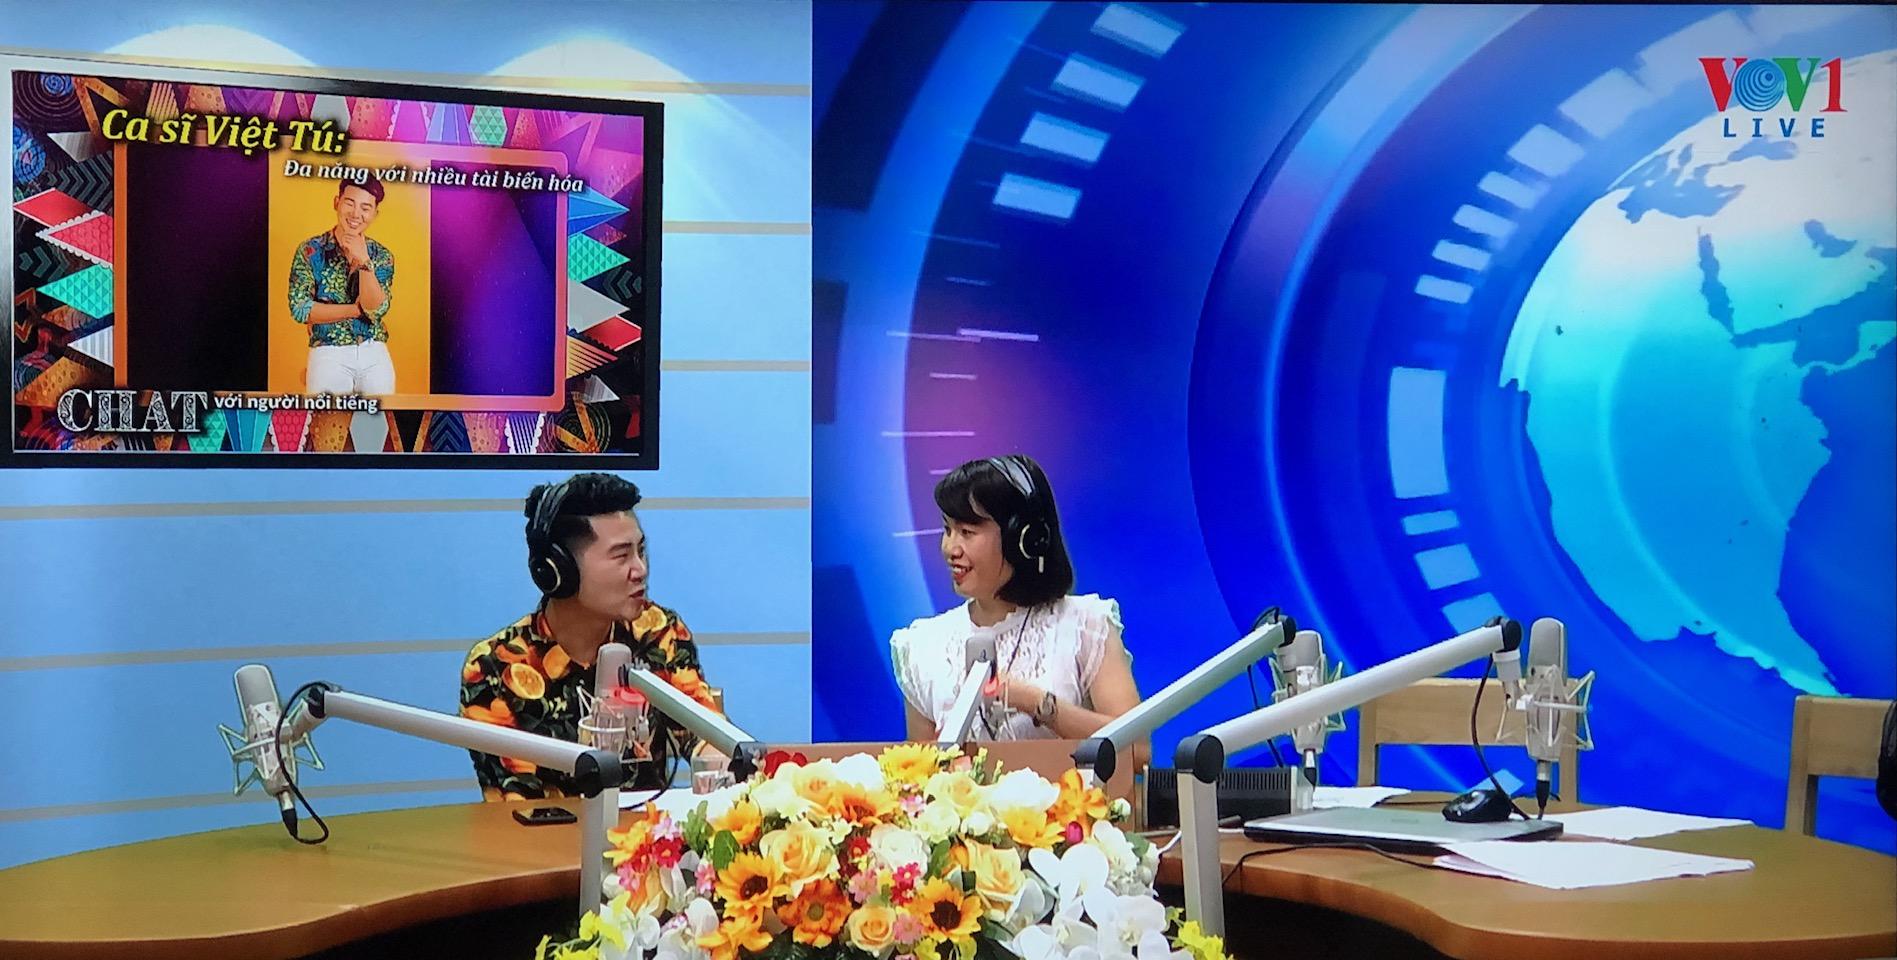 Chát với người nổi tiếng: MC - Ca sĩ Việt Tú (25/5/2019)